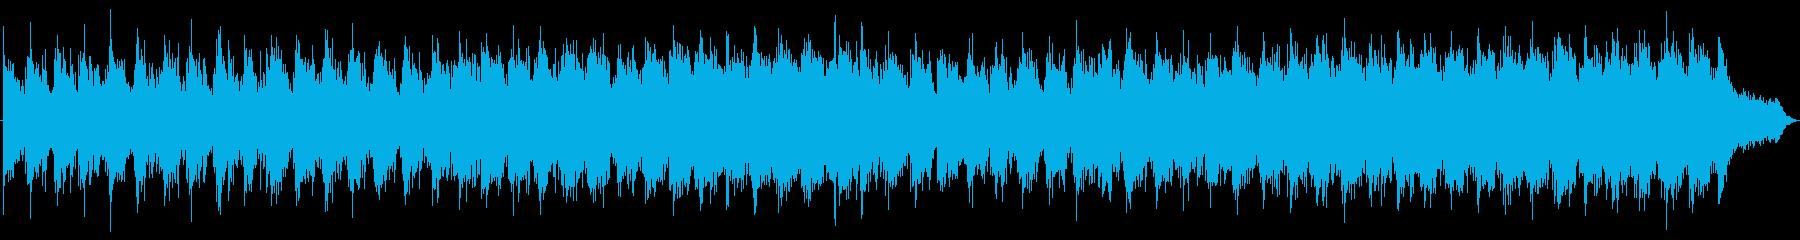 穏やか ヒーリング エレクトロニカの再生済みの波形